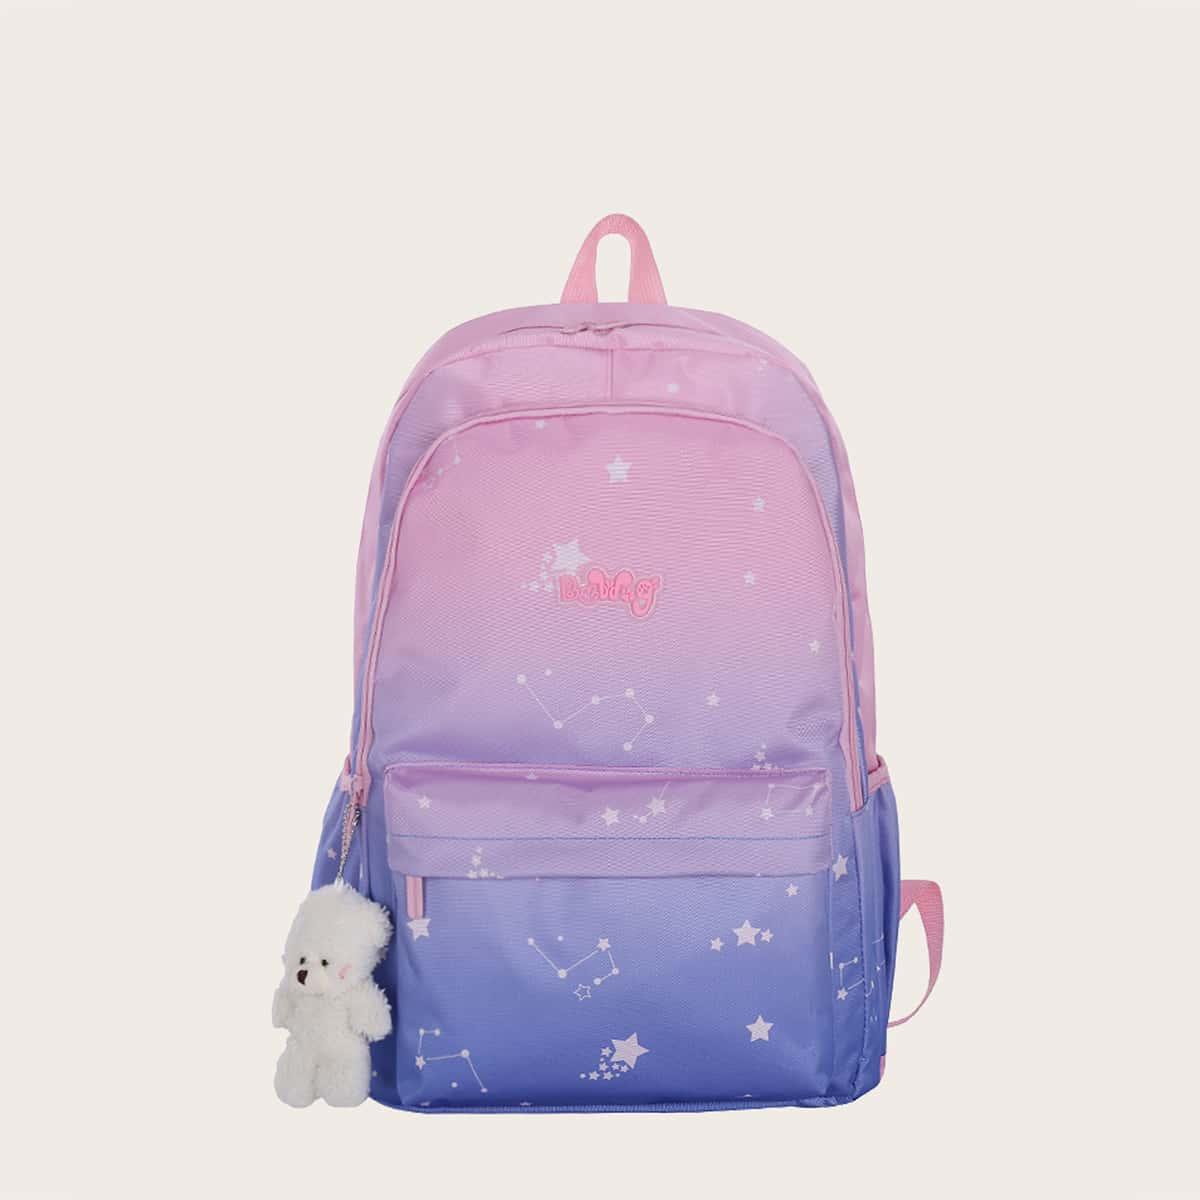 Регулируемый Принт космос градиент цветовой Детские рюкзаки SheIn sk2107019309120192